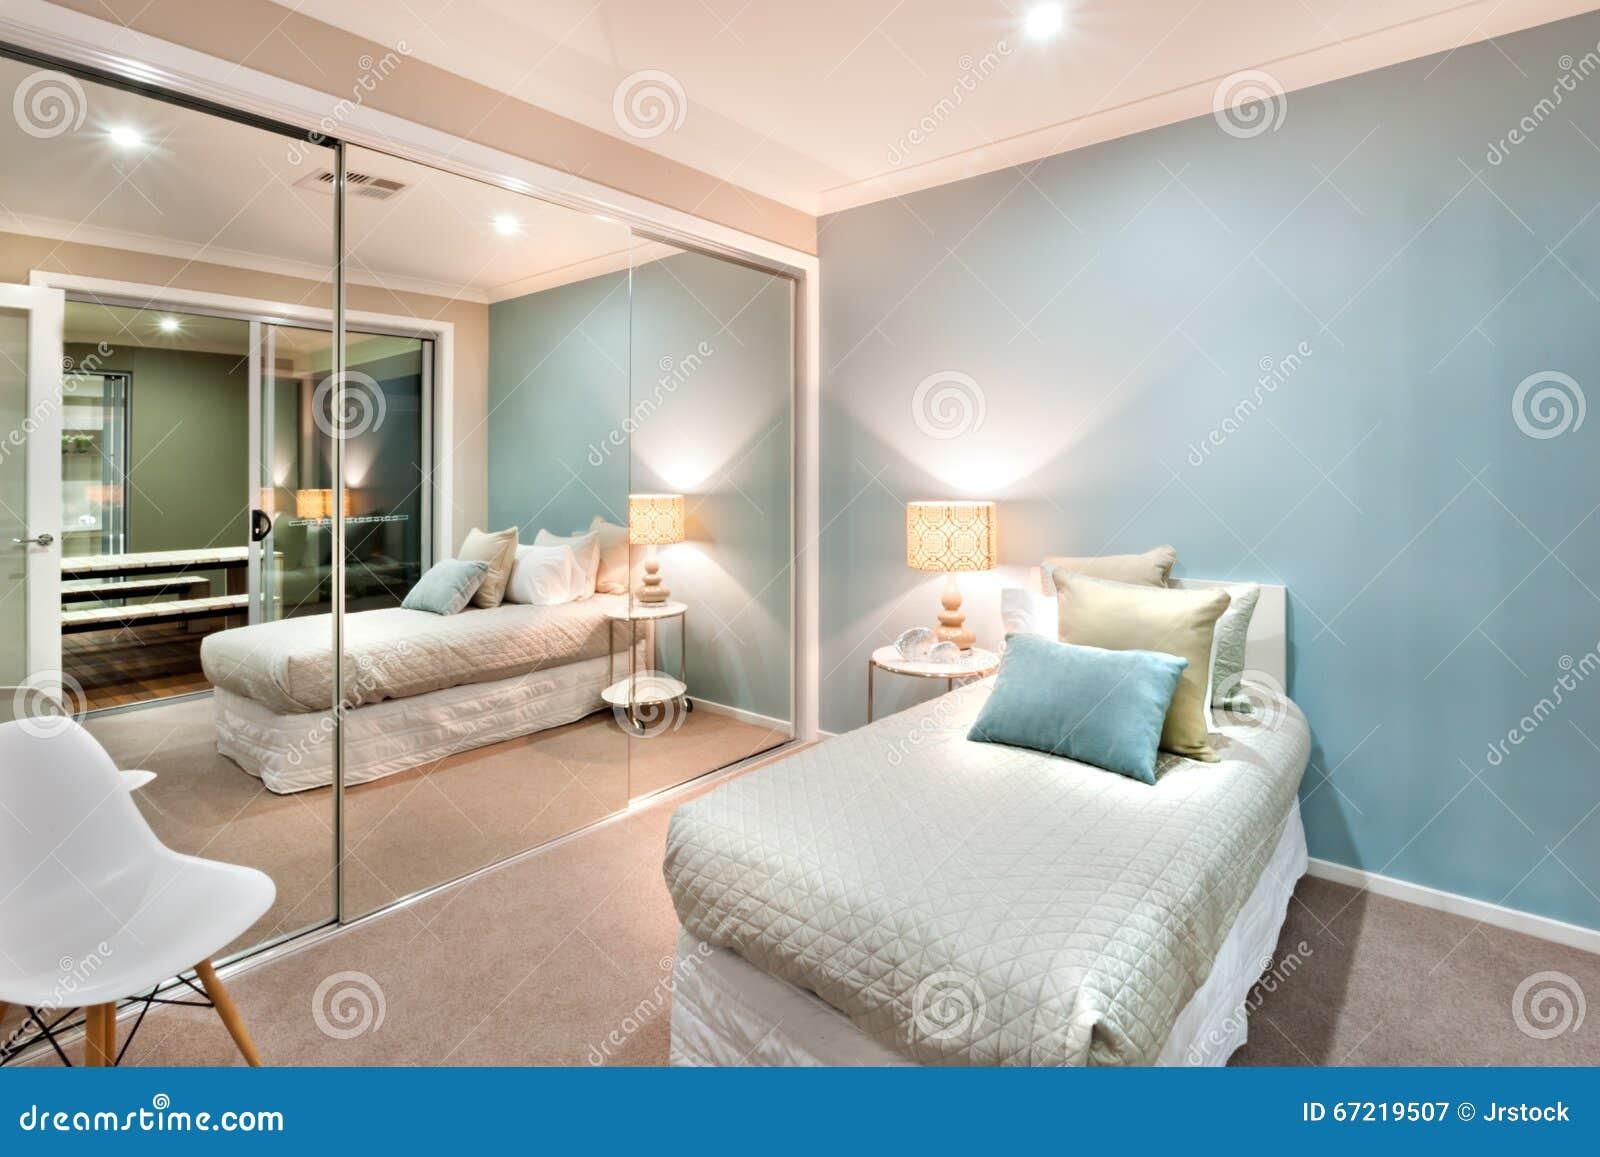 Petite Chambre A Coucher Avec Des Oreillers Sur Du Lit Simple Et Des